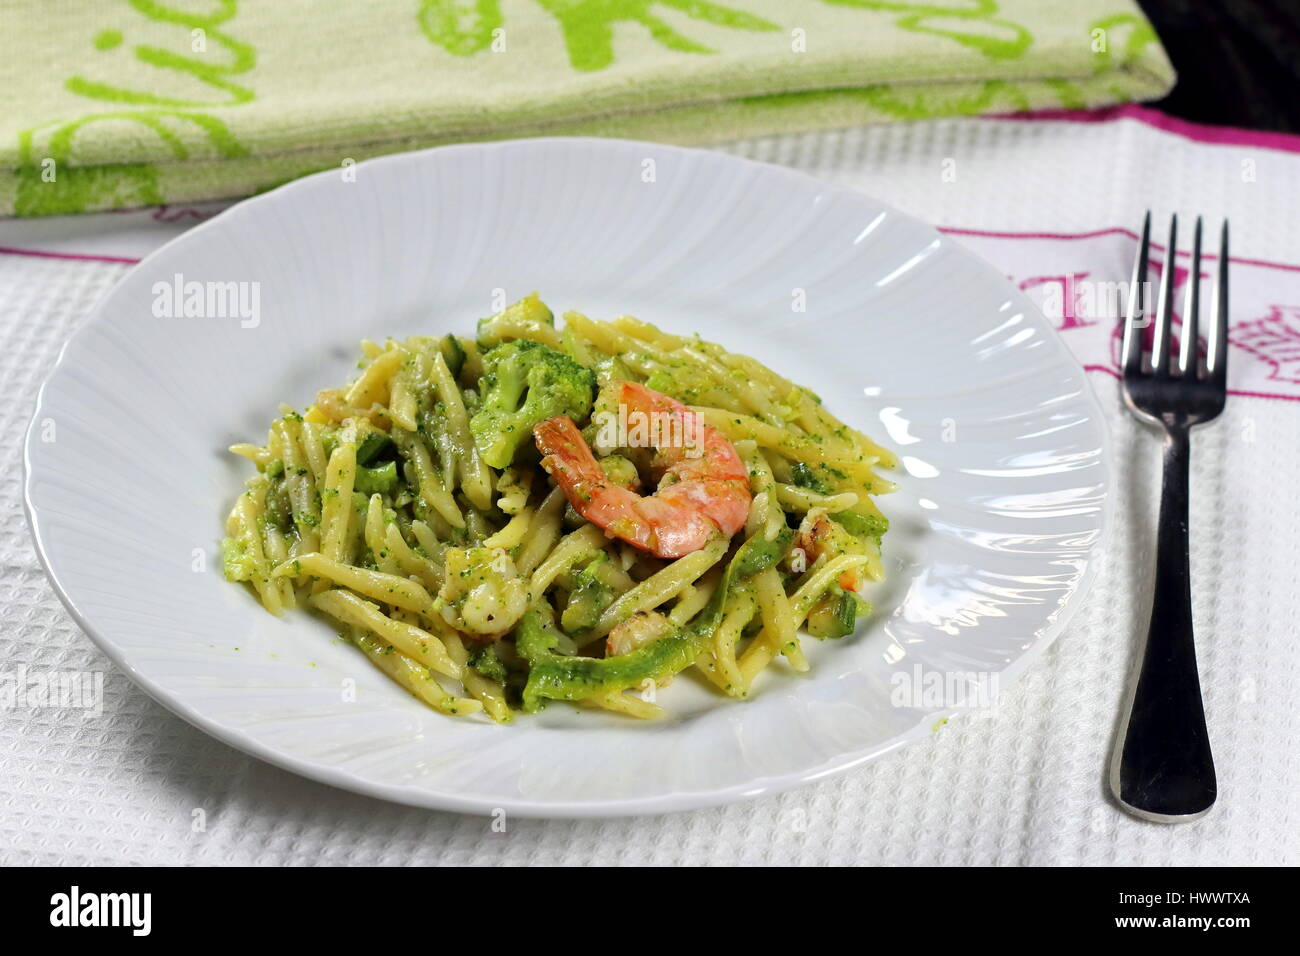 Le Trofie pasta con gamberi (gamberetti), broccoli, zucchini (zucchine) e pomodoro nel piatto bianco su bianco panno Immagini Stock